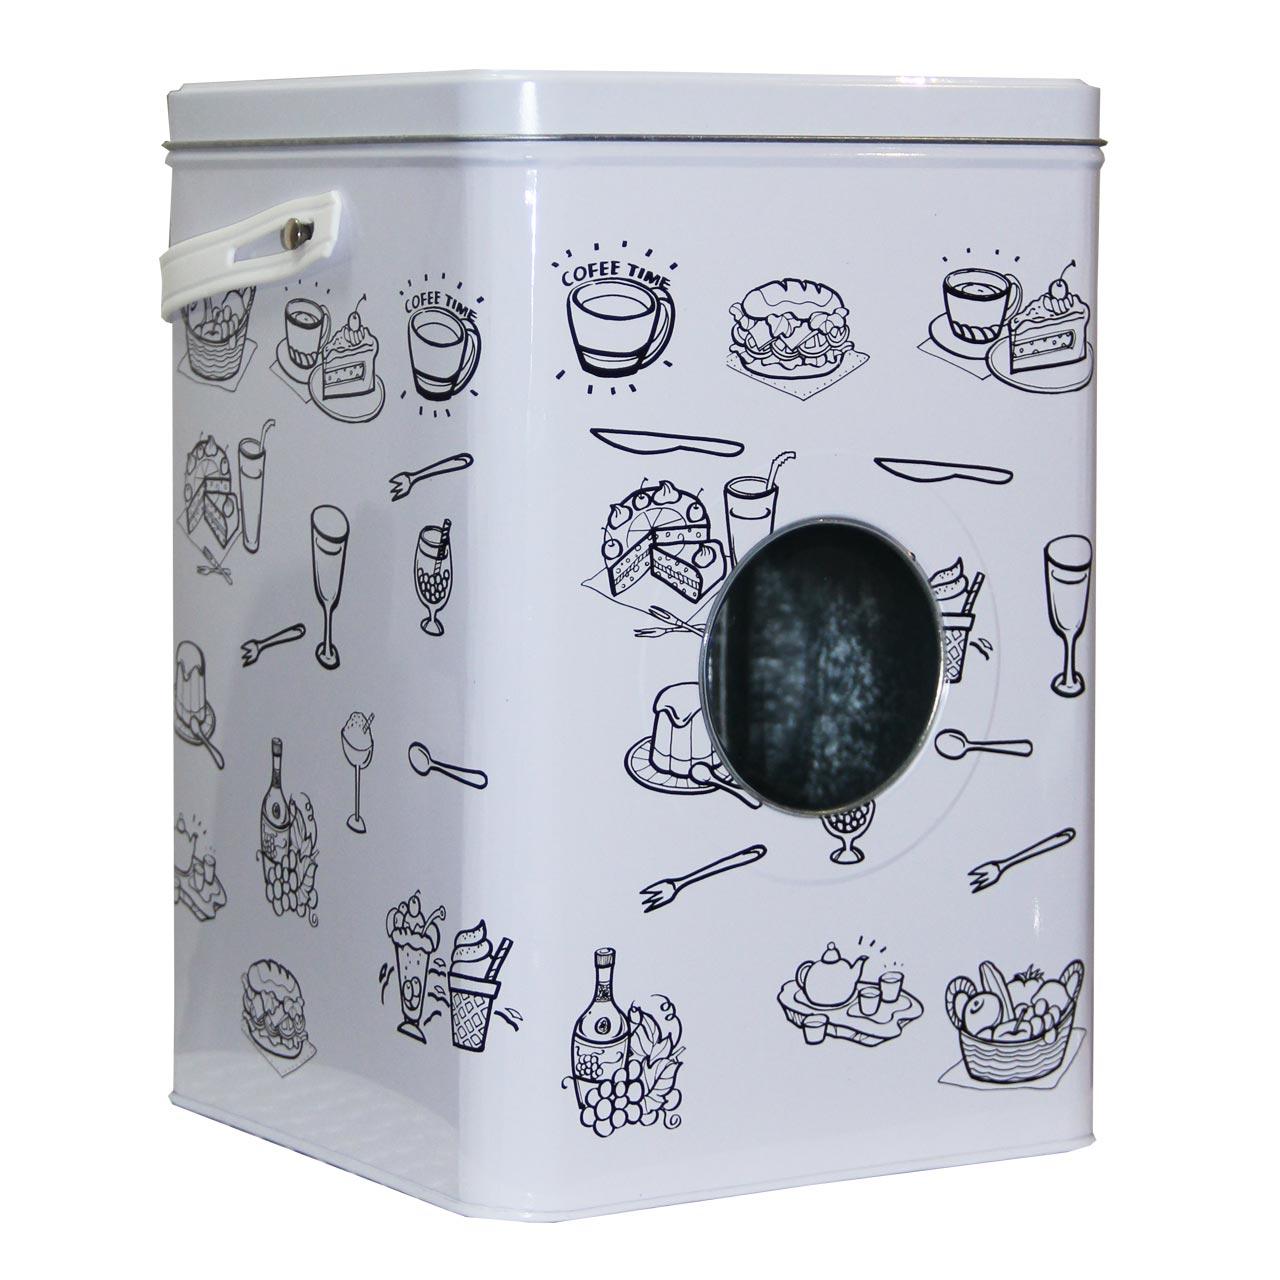 ظرف پودر رختشویی مدل ماشین لباسشویی ۱